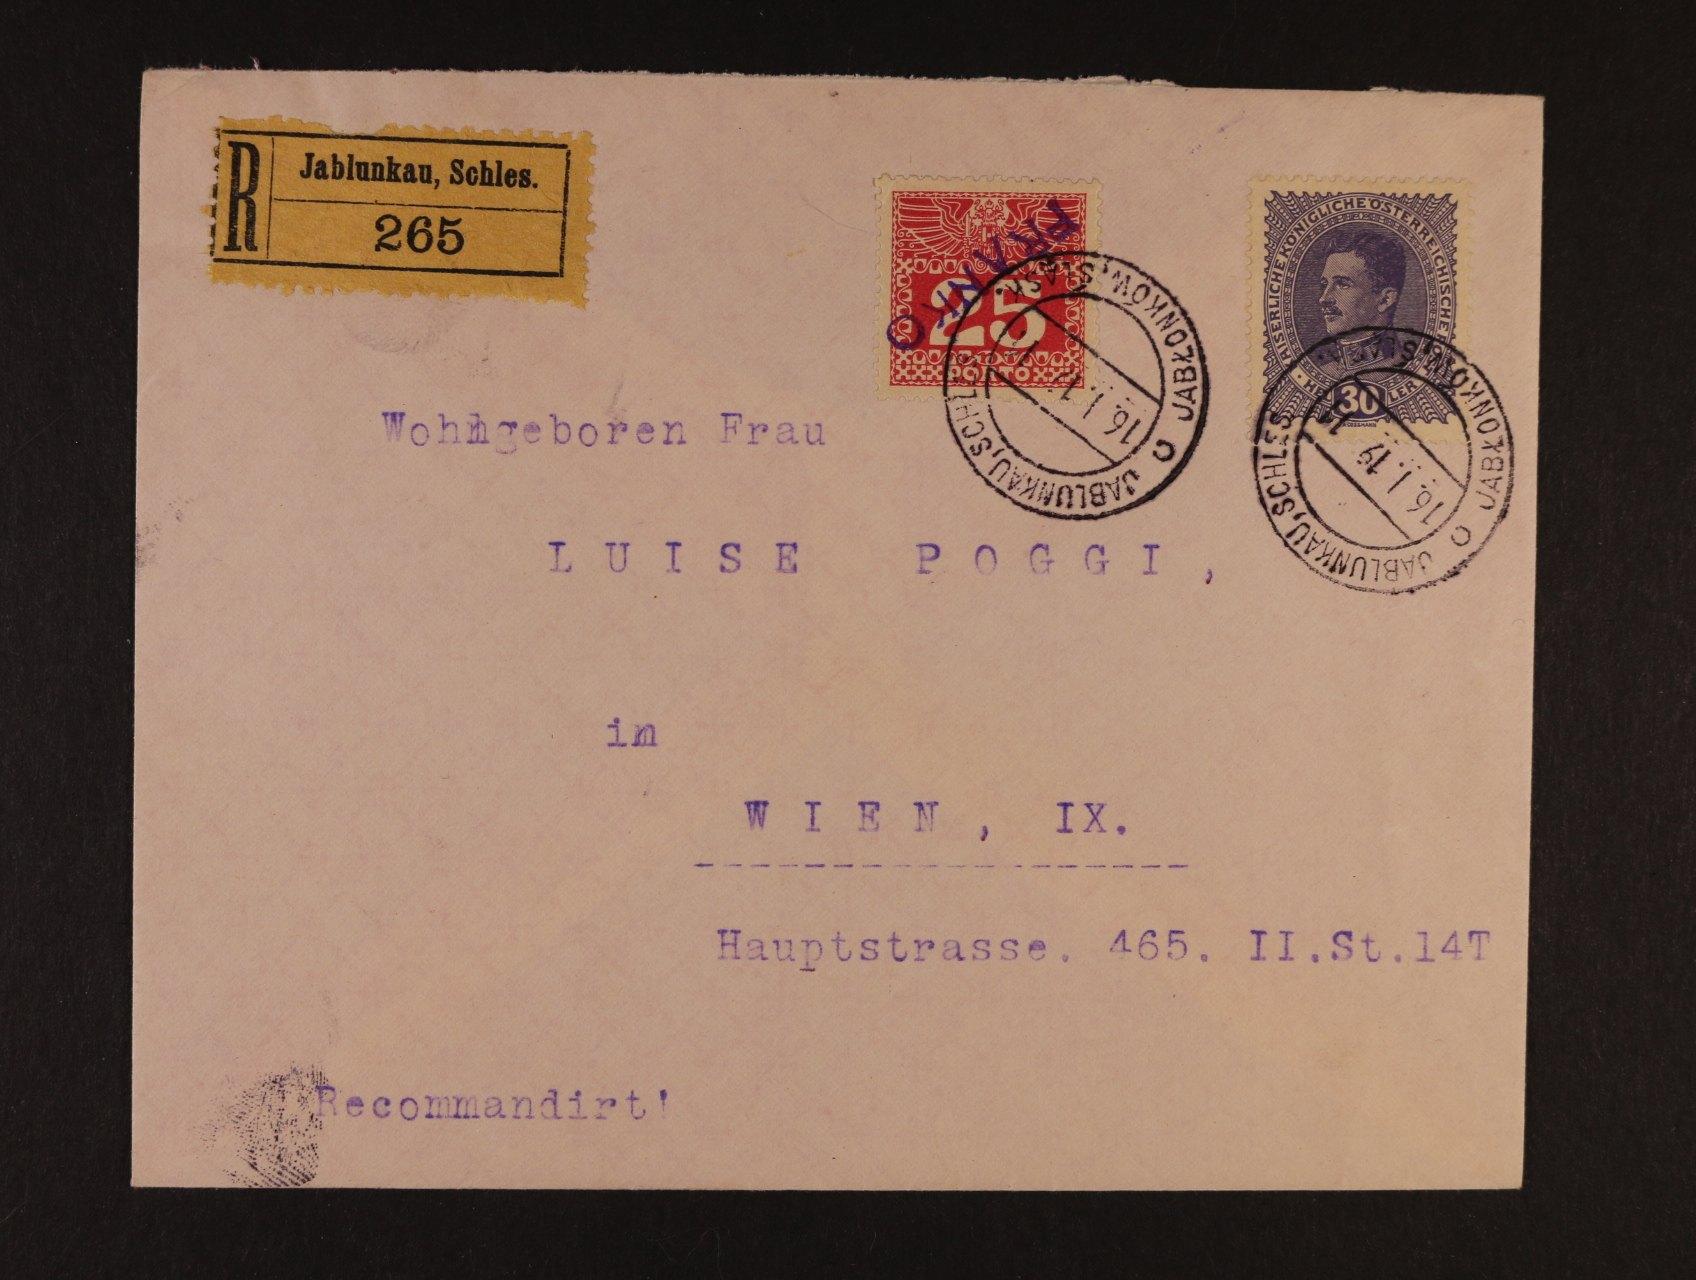 R-dopis do Vídně frank. zn. Mi. č. 224 a dopl. zn. Mi. P 41 jako výplatní, pod. raz. JABLUNKAU, SCHLES. 16.1.19